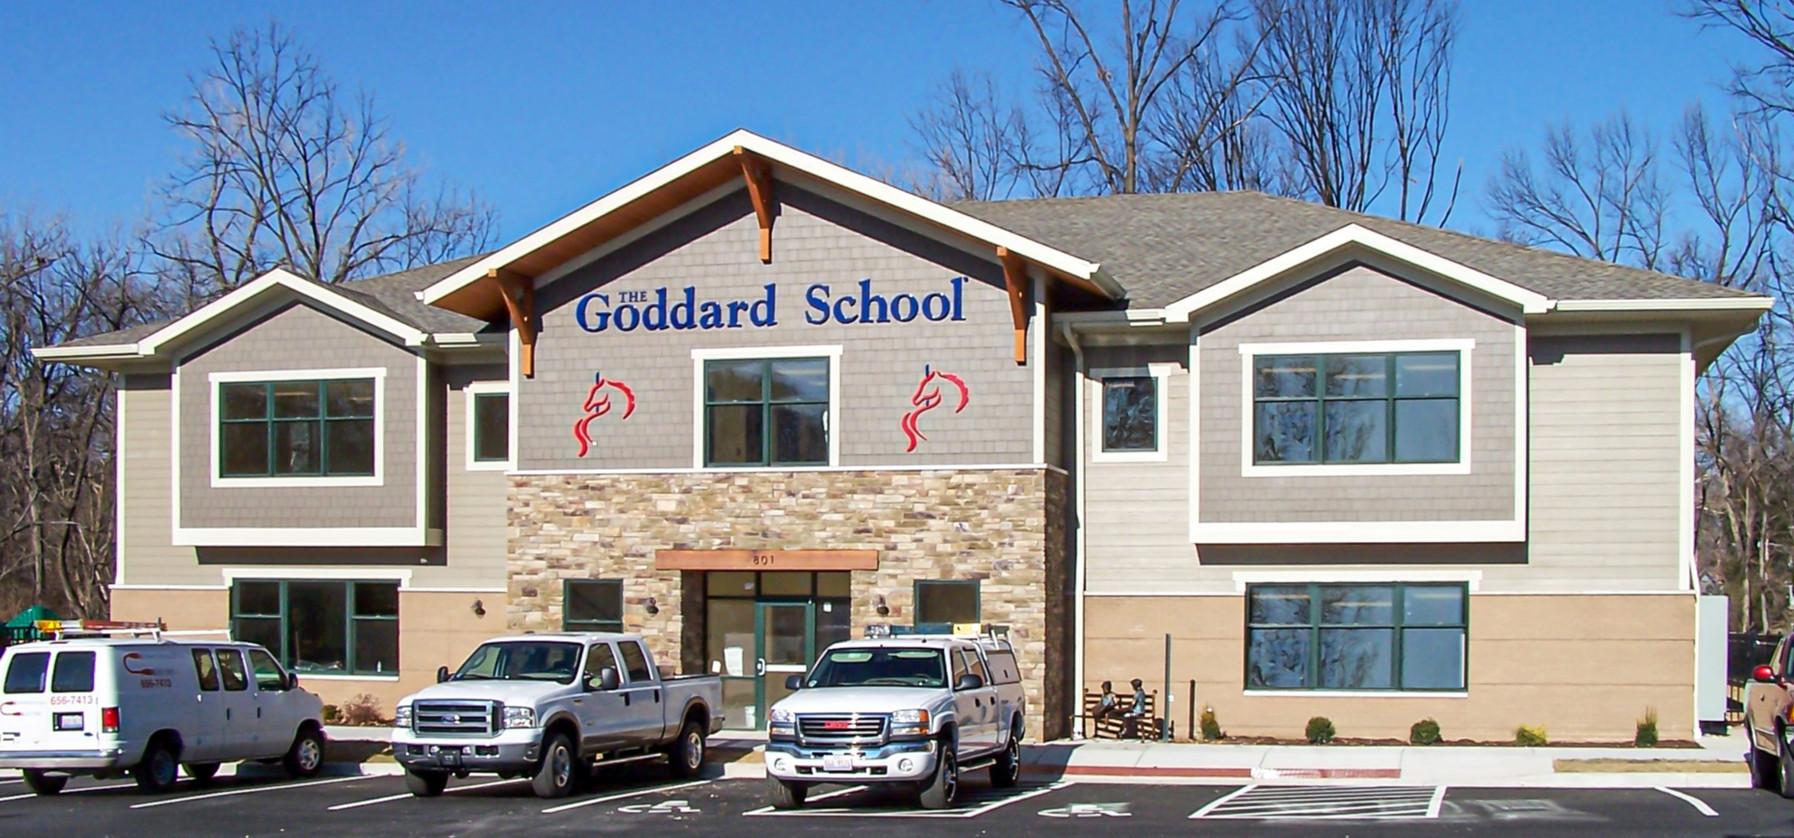 goddard-school-2.0.jpg